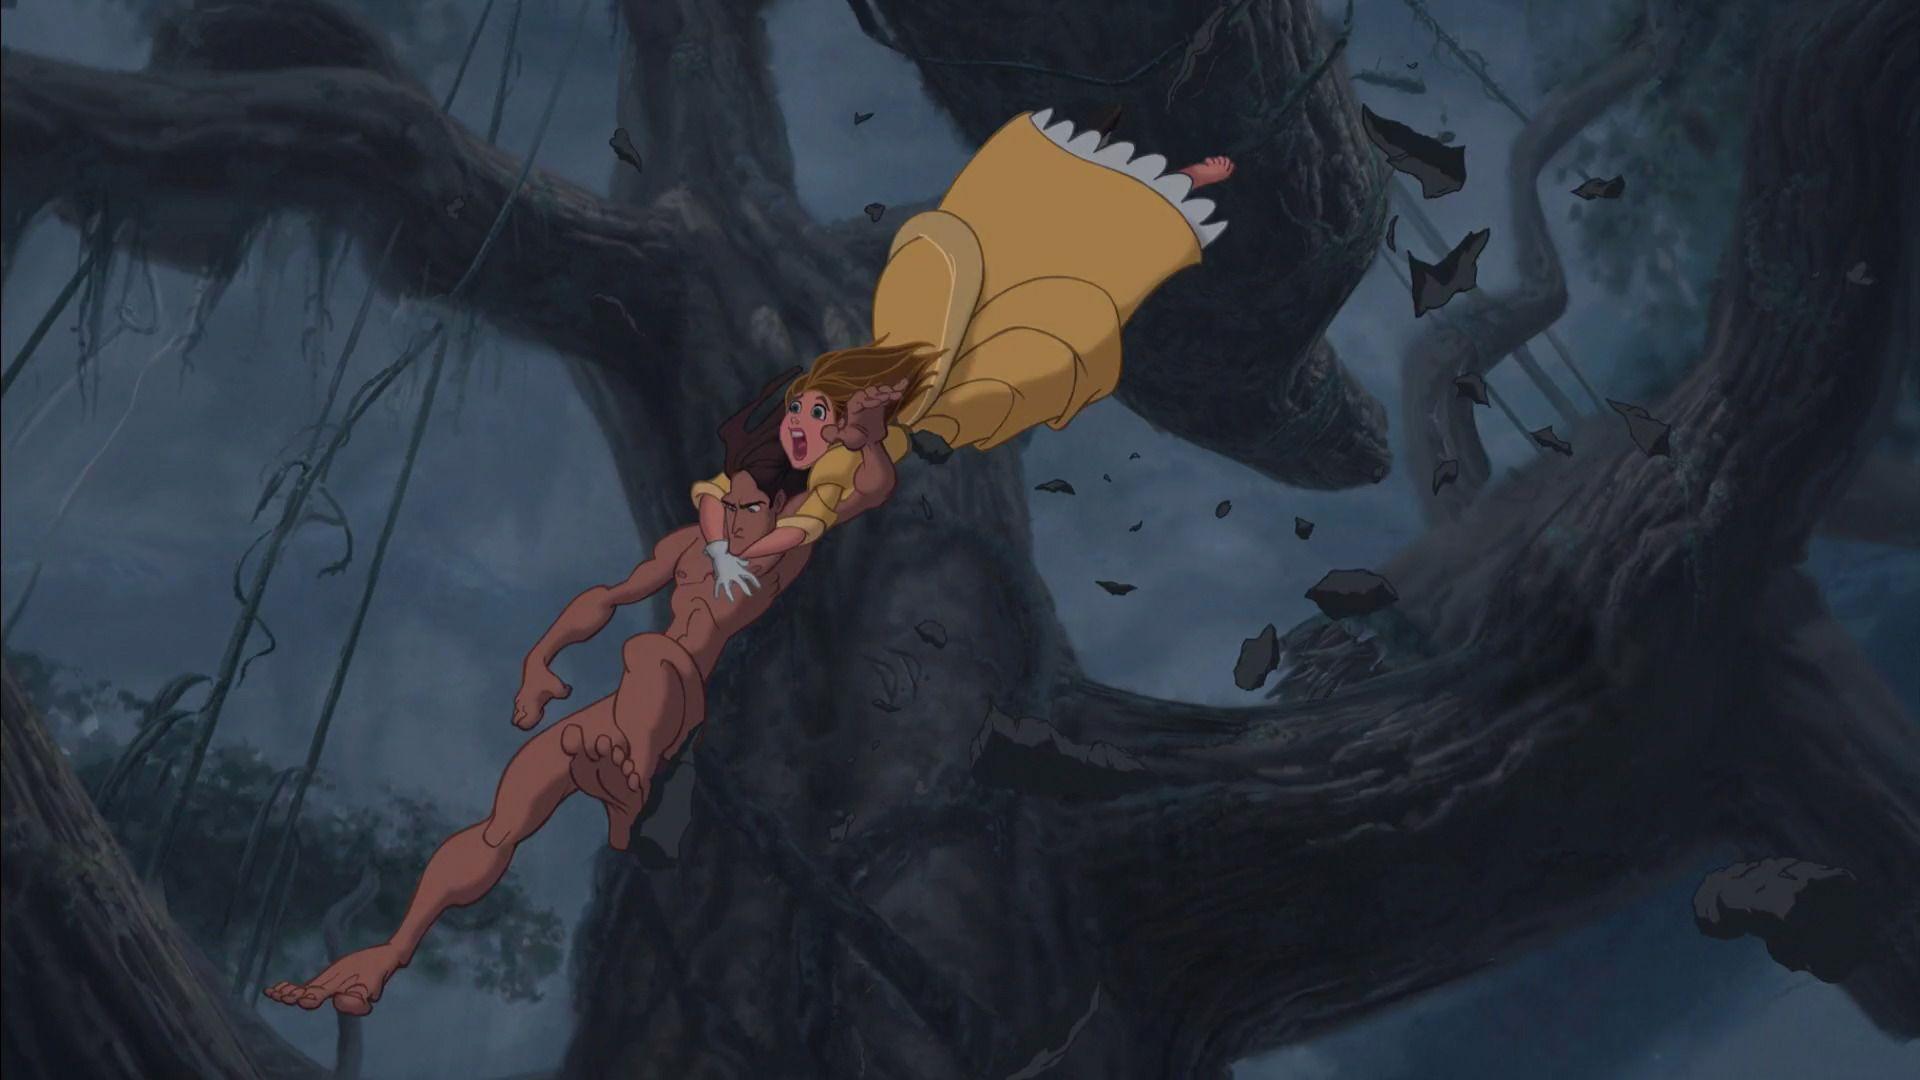 Tarzan (1999) - Disney Screencaps.com